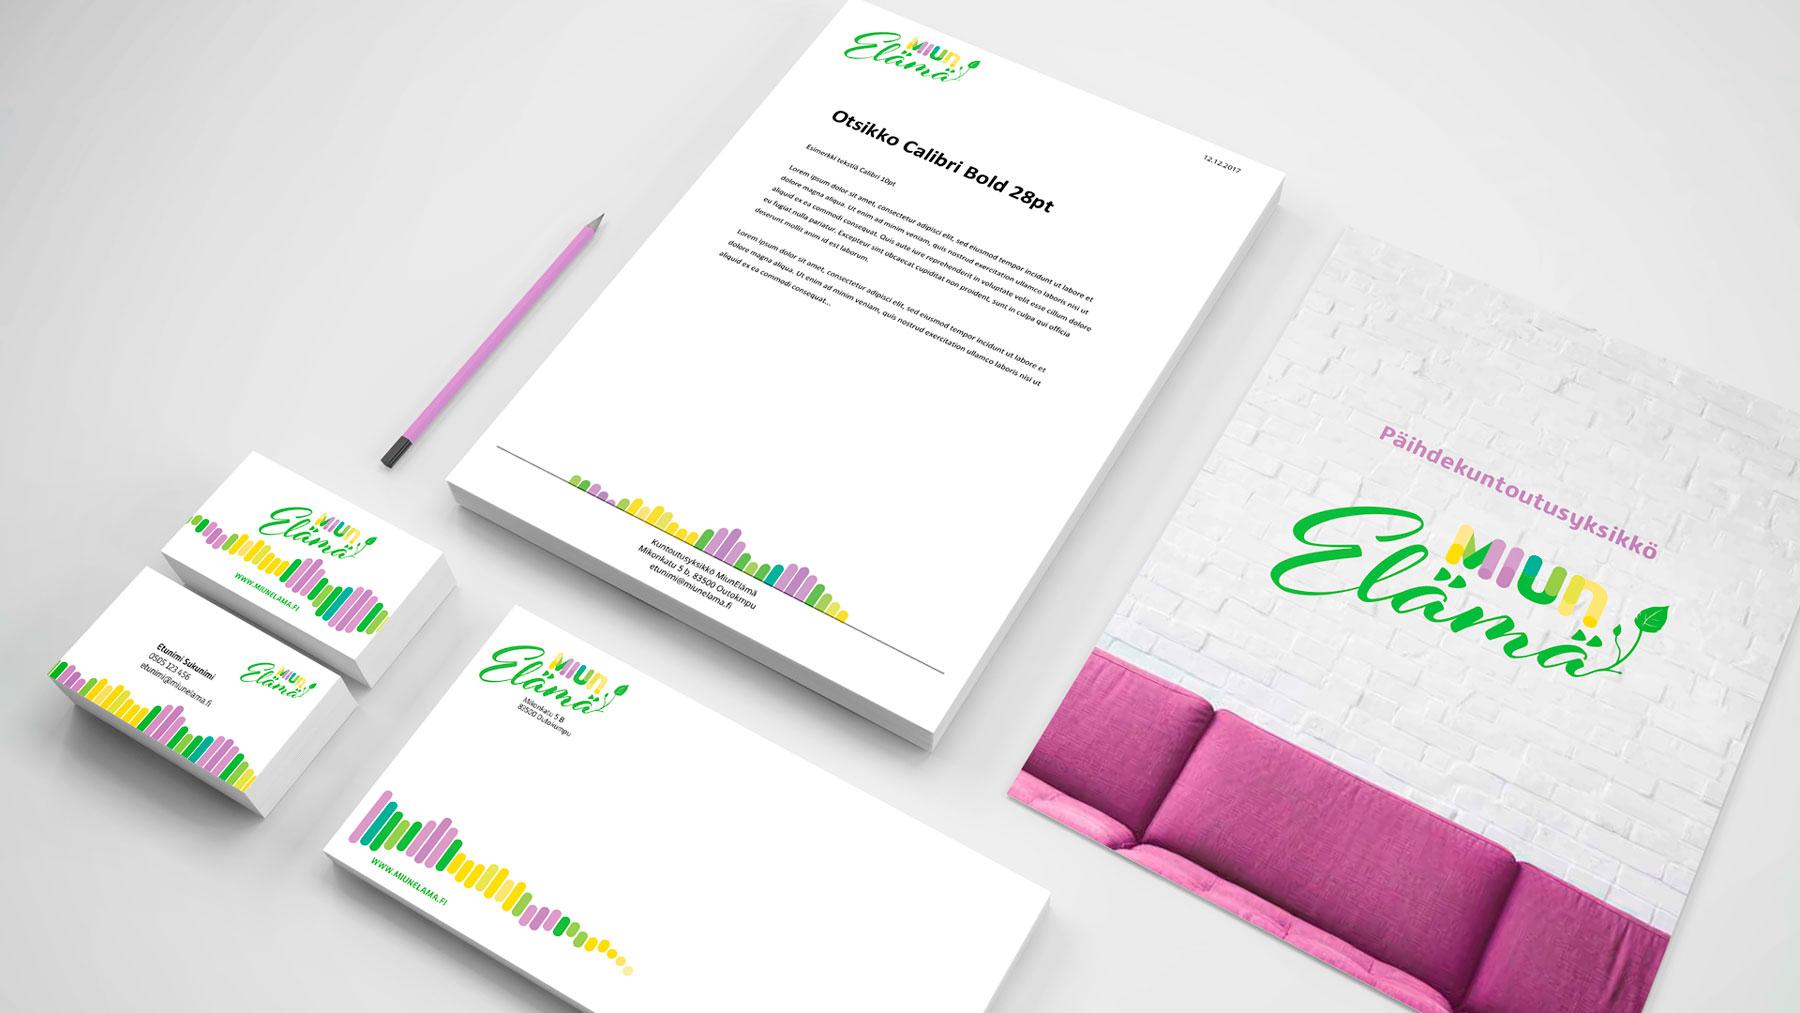 antibox miunelämä lomake käyntikortit kirjekuori